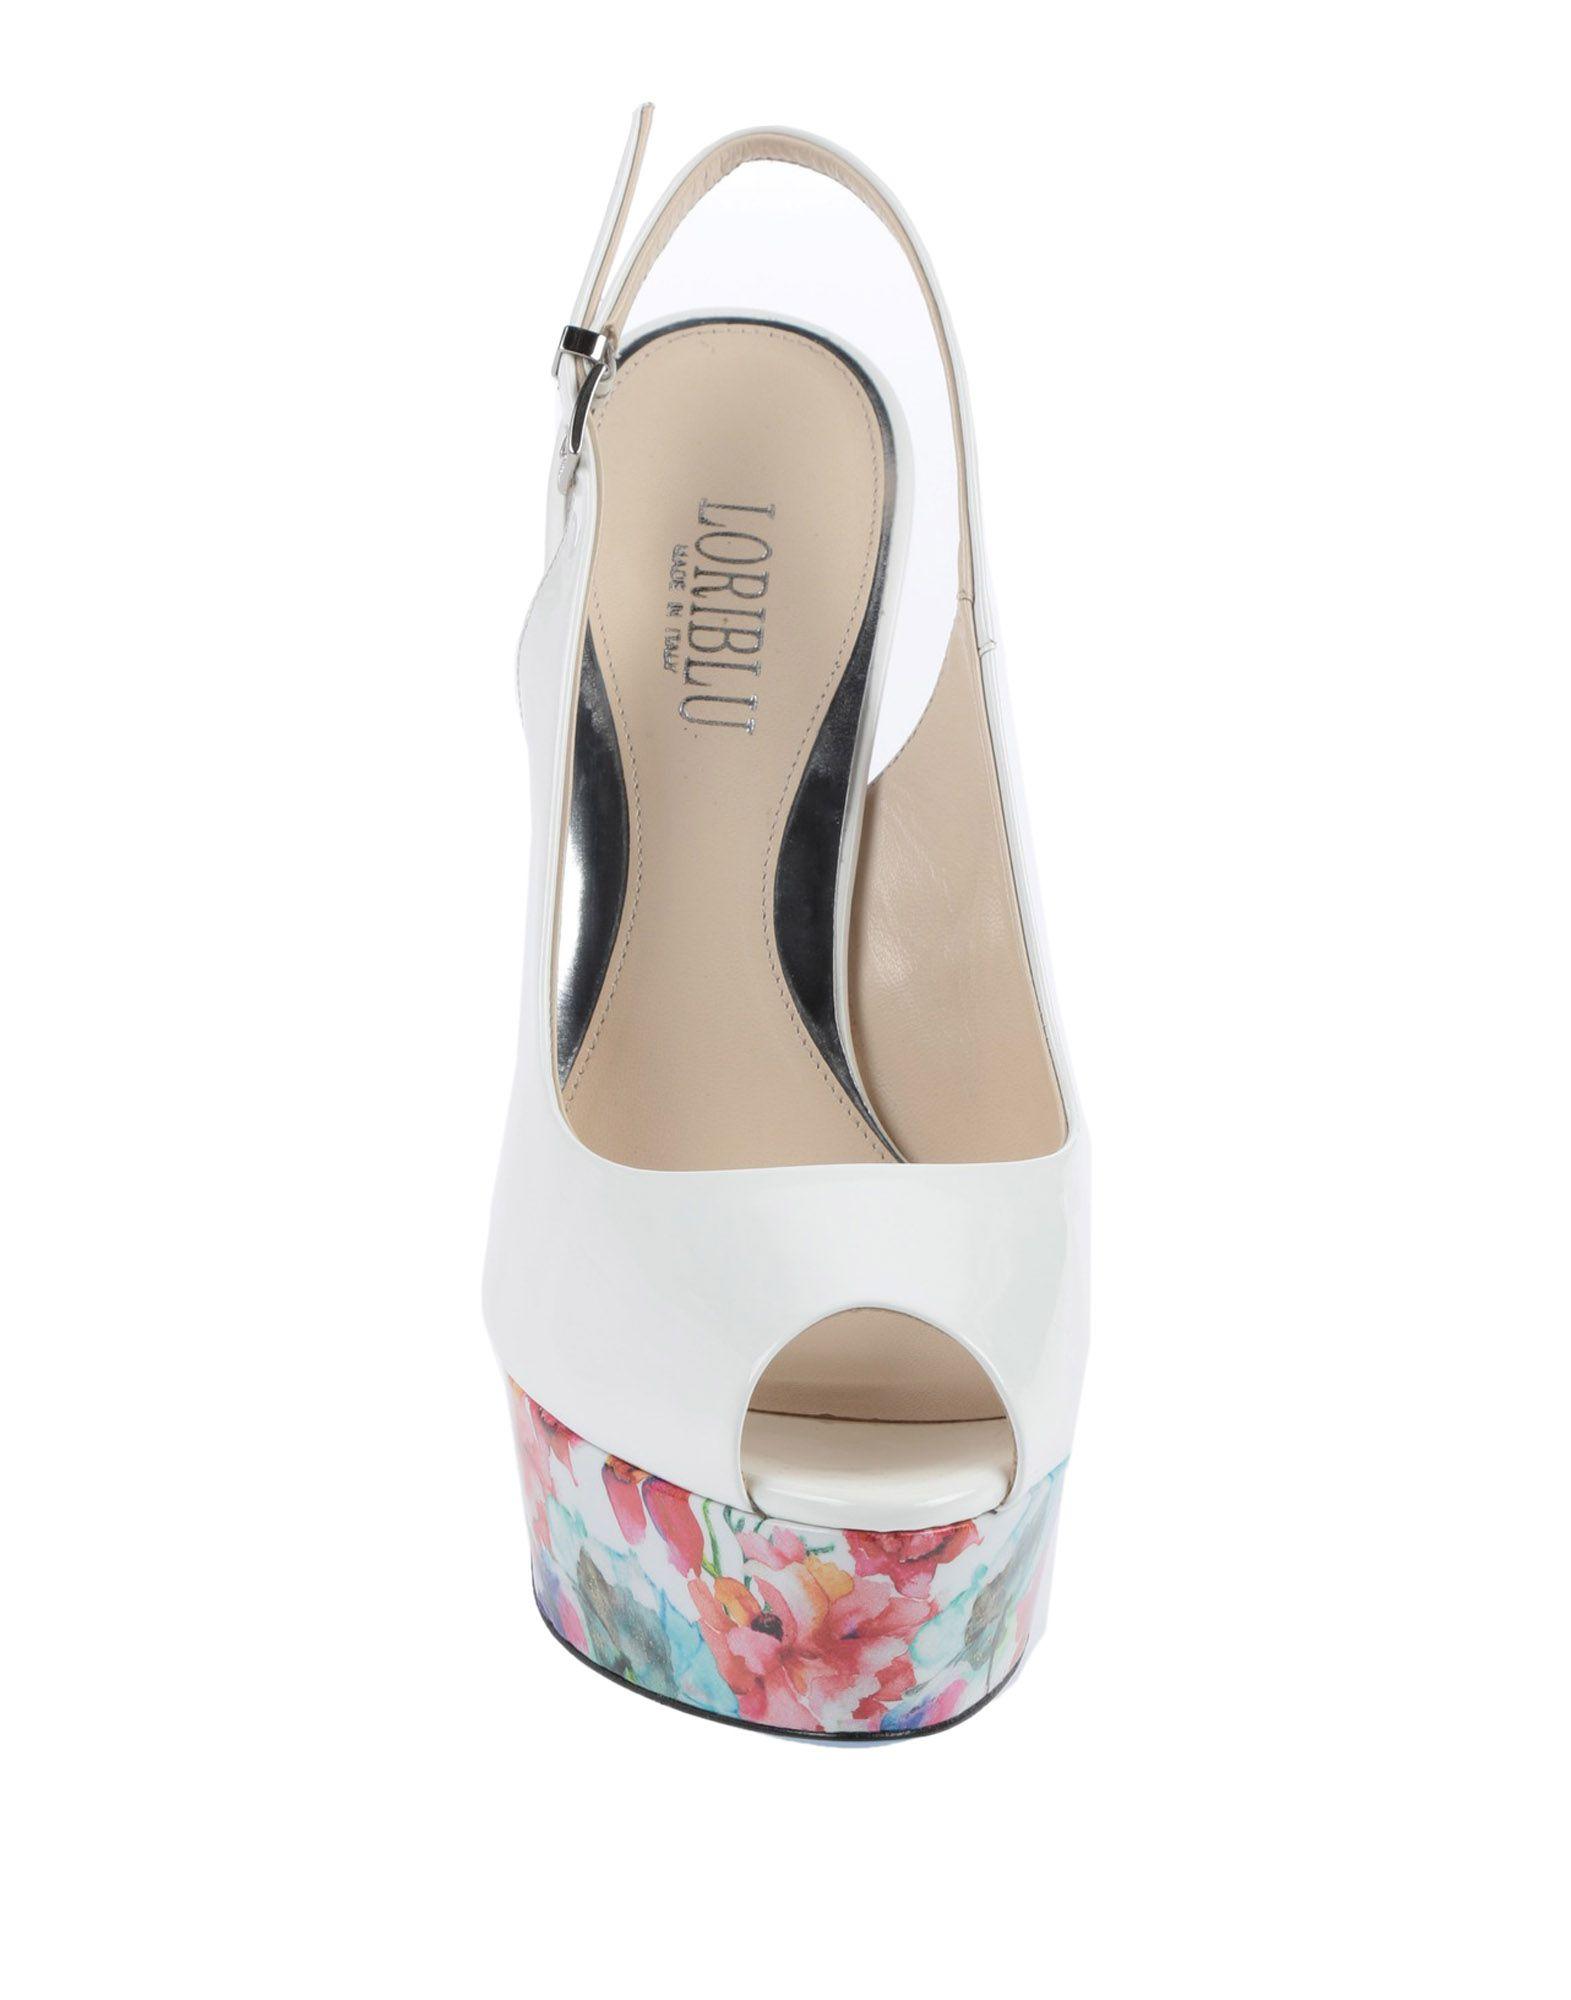 Loriblu Sandals - - - Women Loriblu Sandals online on  United Kingdom - 11513729SK 17f58a